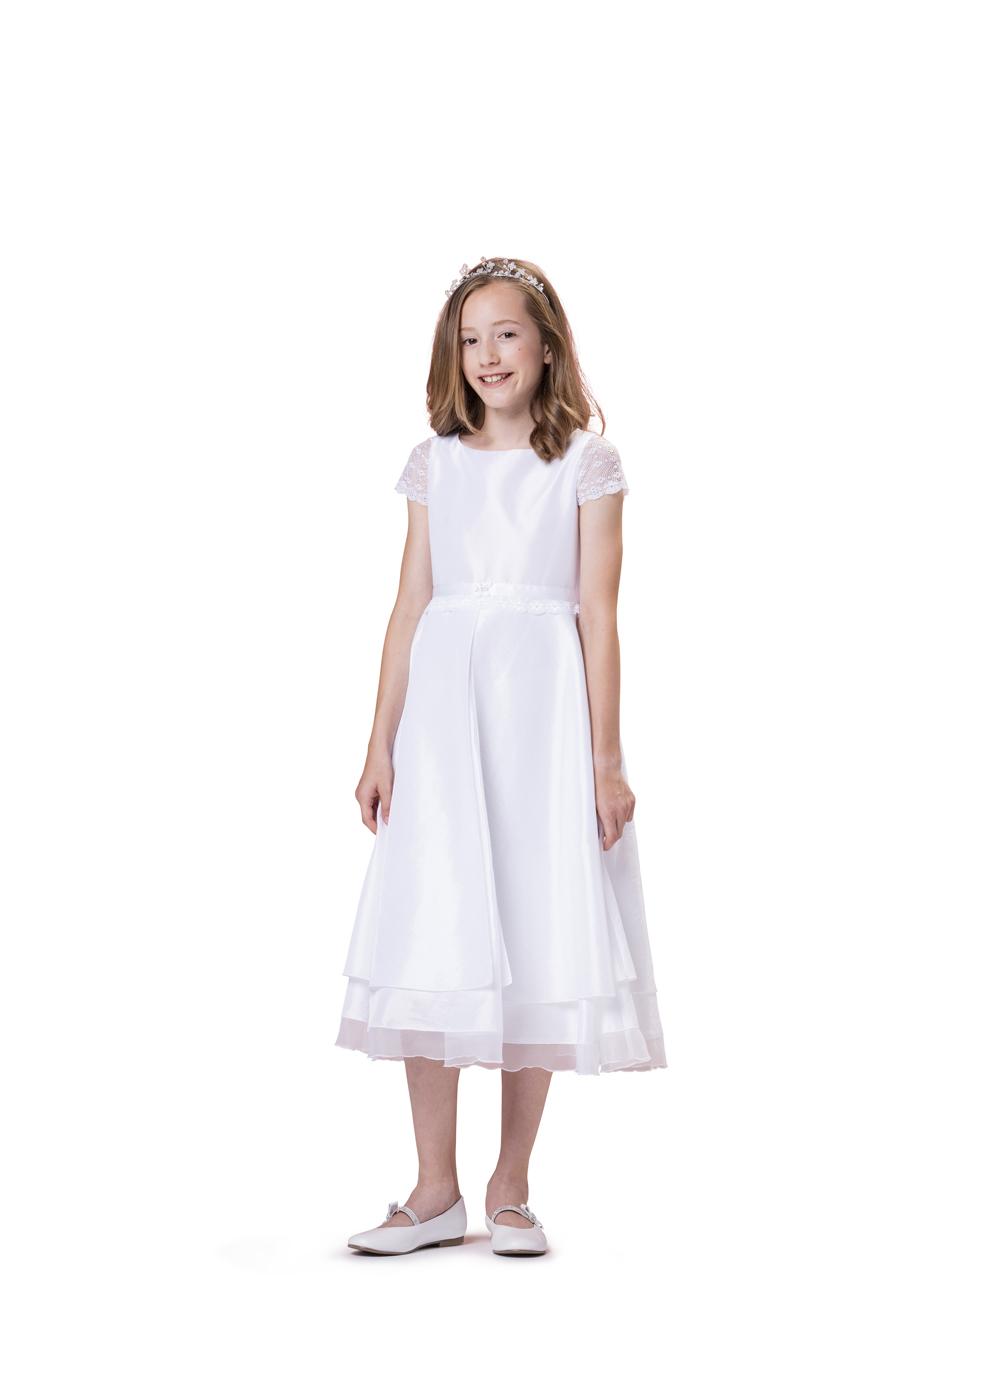 Biancorella Kommunionkleid in Satin und Spitze - Modell 554740. Klassisches Kleid mit Satinoberteil und wunderschönen Spitzenärmeln und 2 stufigem Rock.